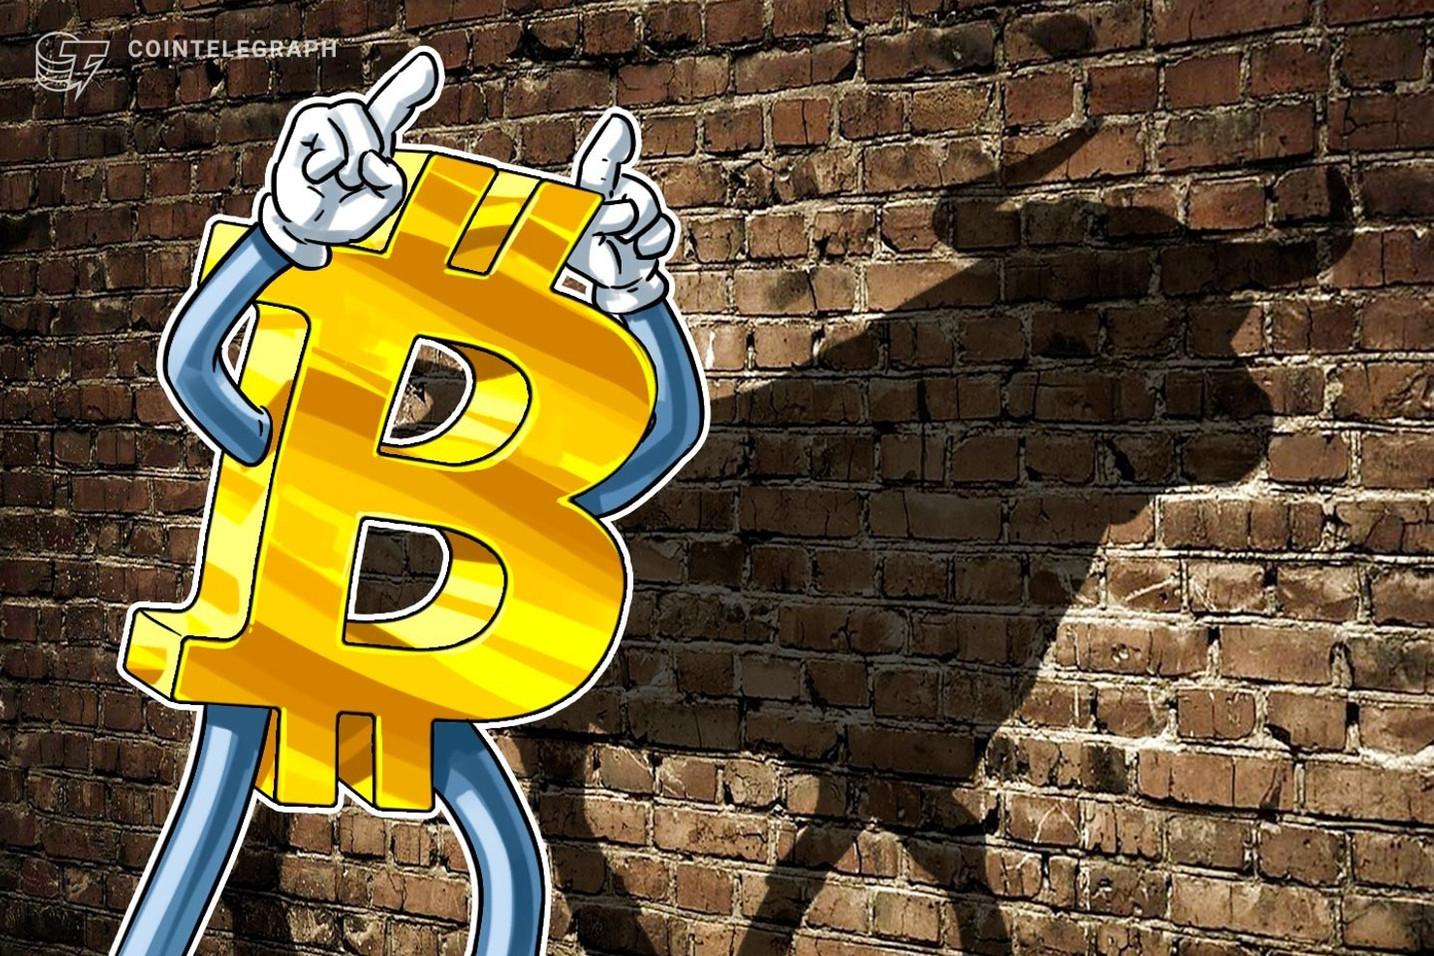 仮想通貨ビットコインが8400ドル回復|次の重要な局面は?【仮想通貨相場】